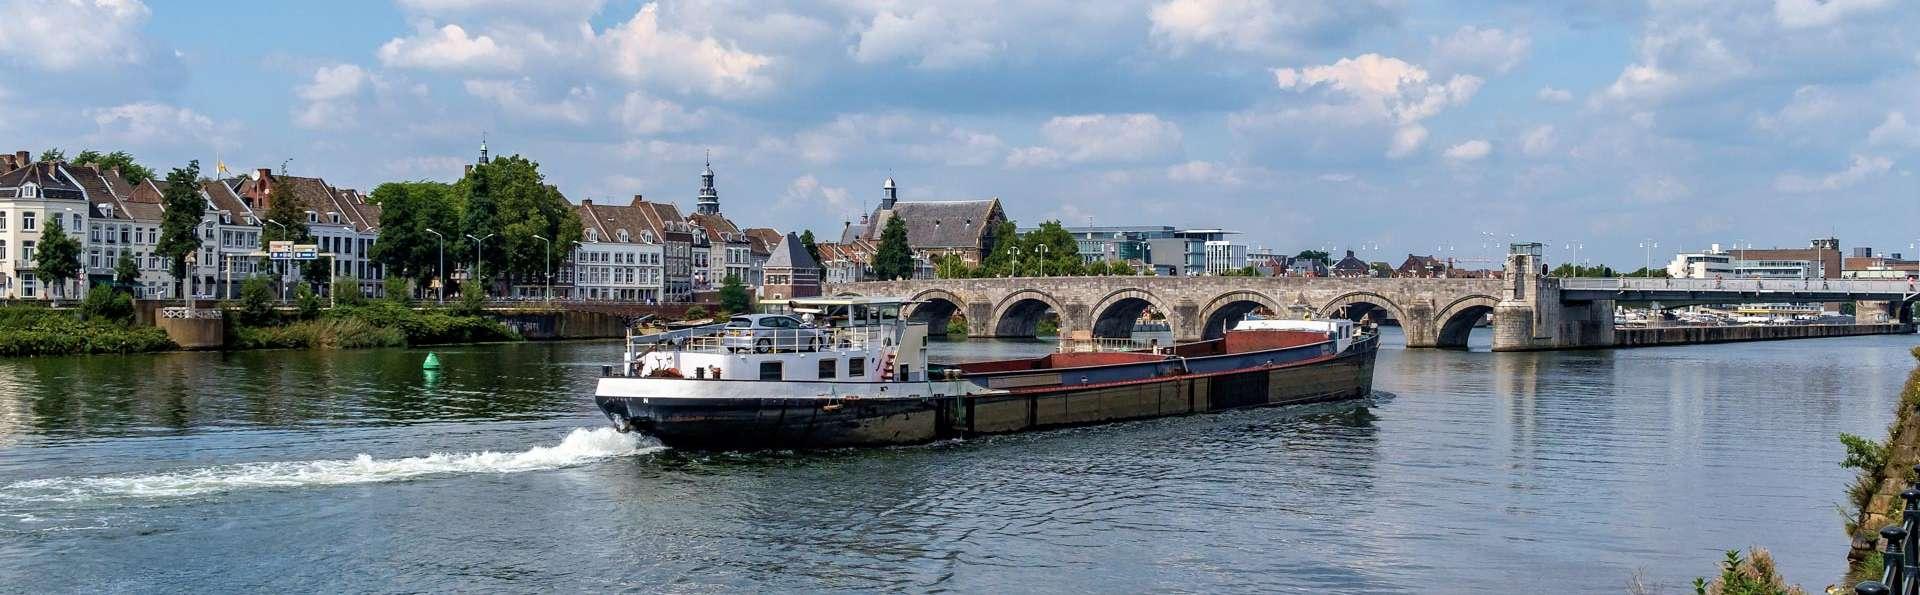 Designhotel Maastricht - EDIT_MAASTRICHT_10.jpg